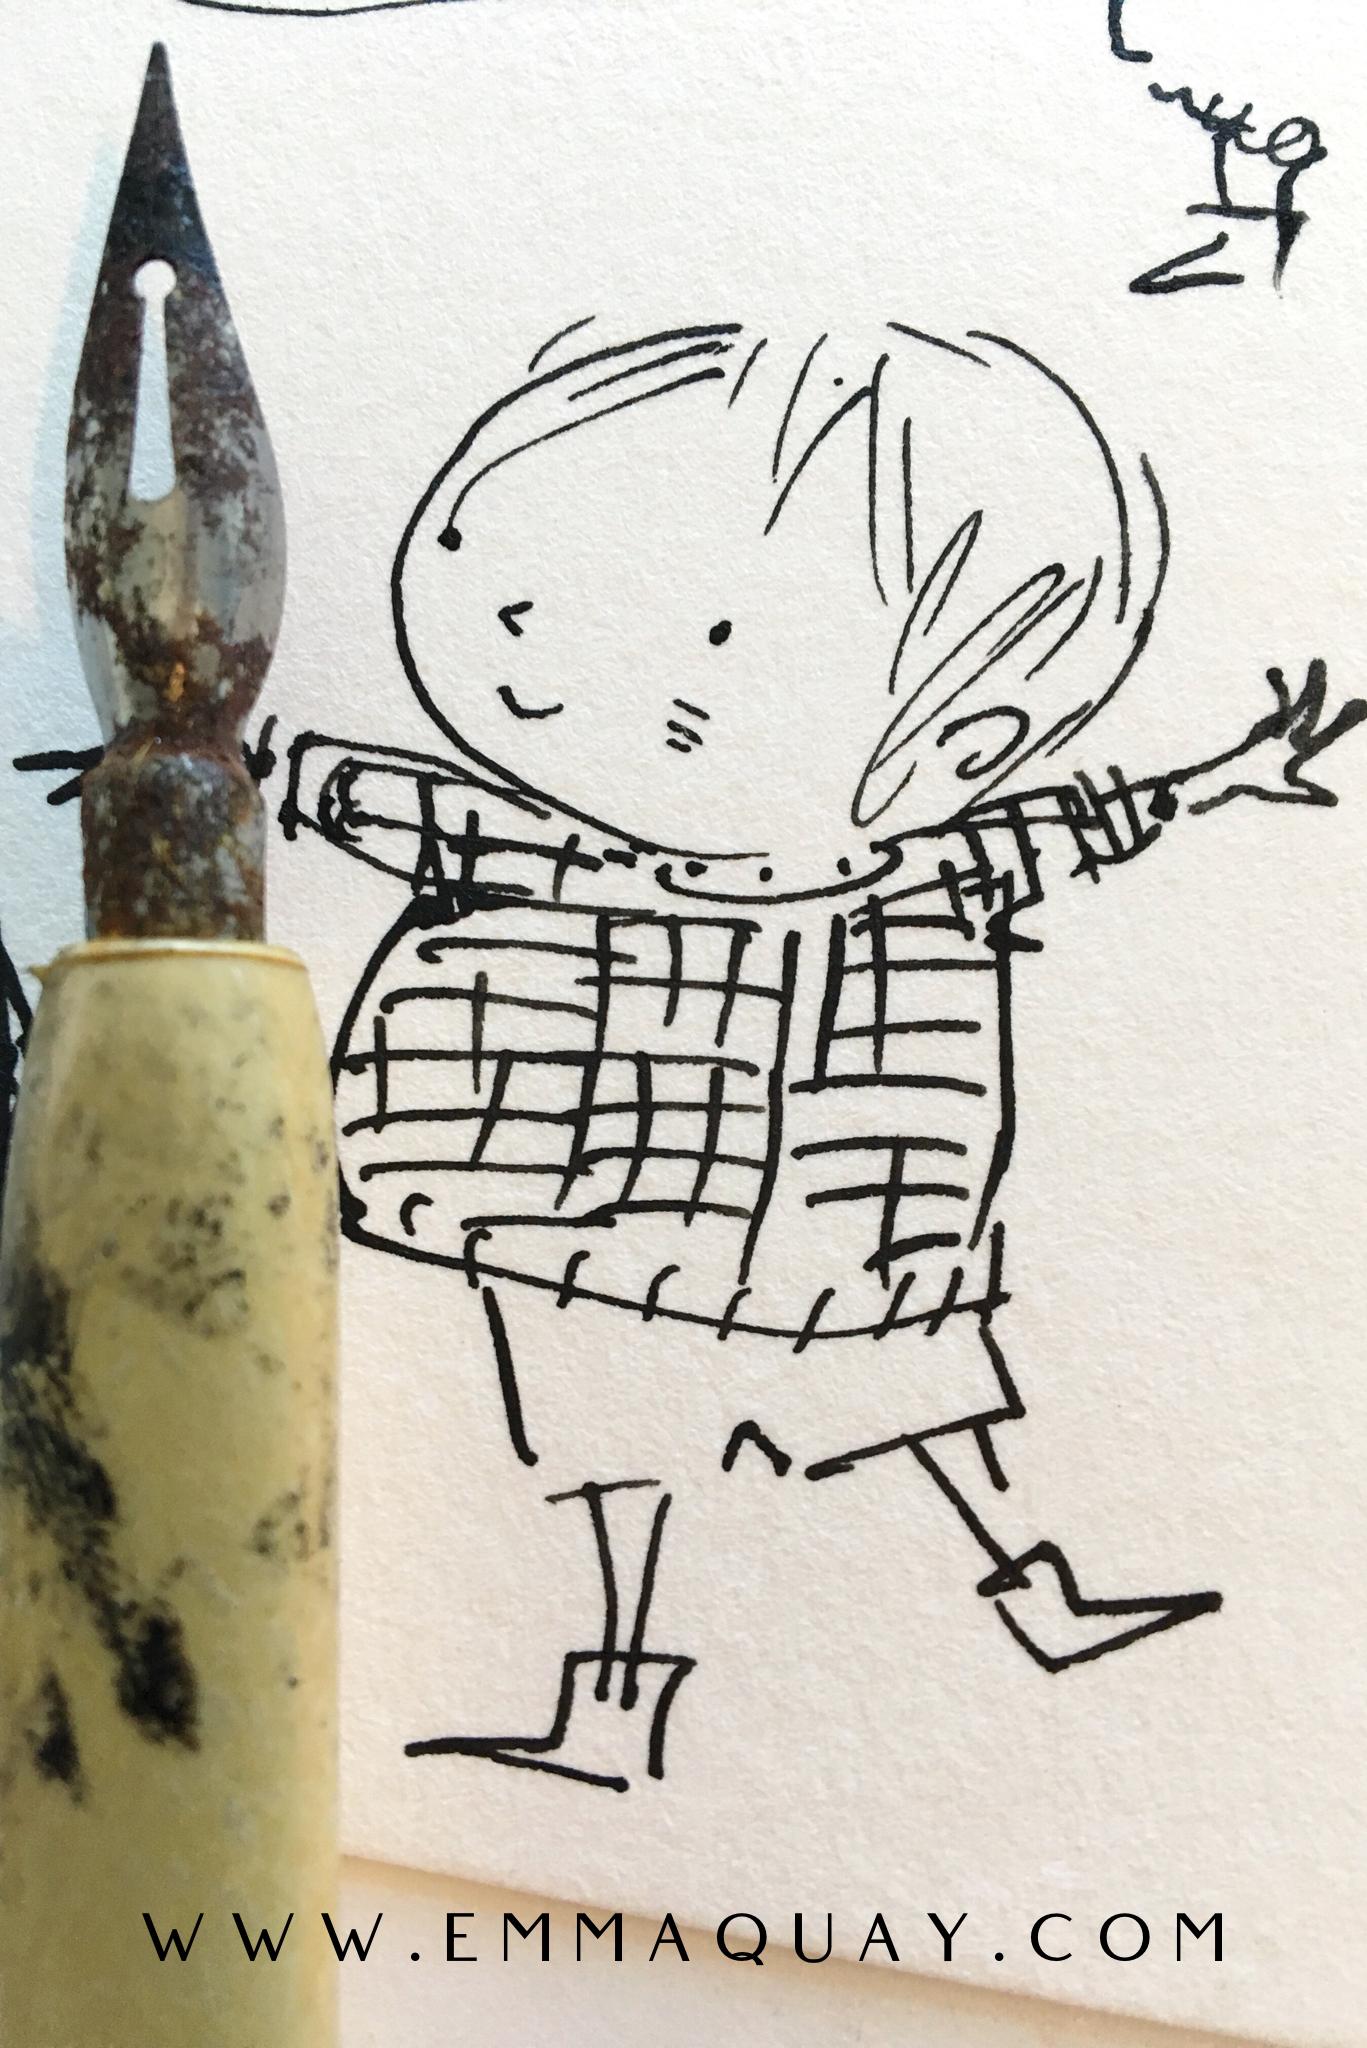 His nibs, in pen and ink #emmaquaysketchbook